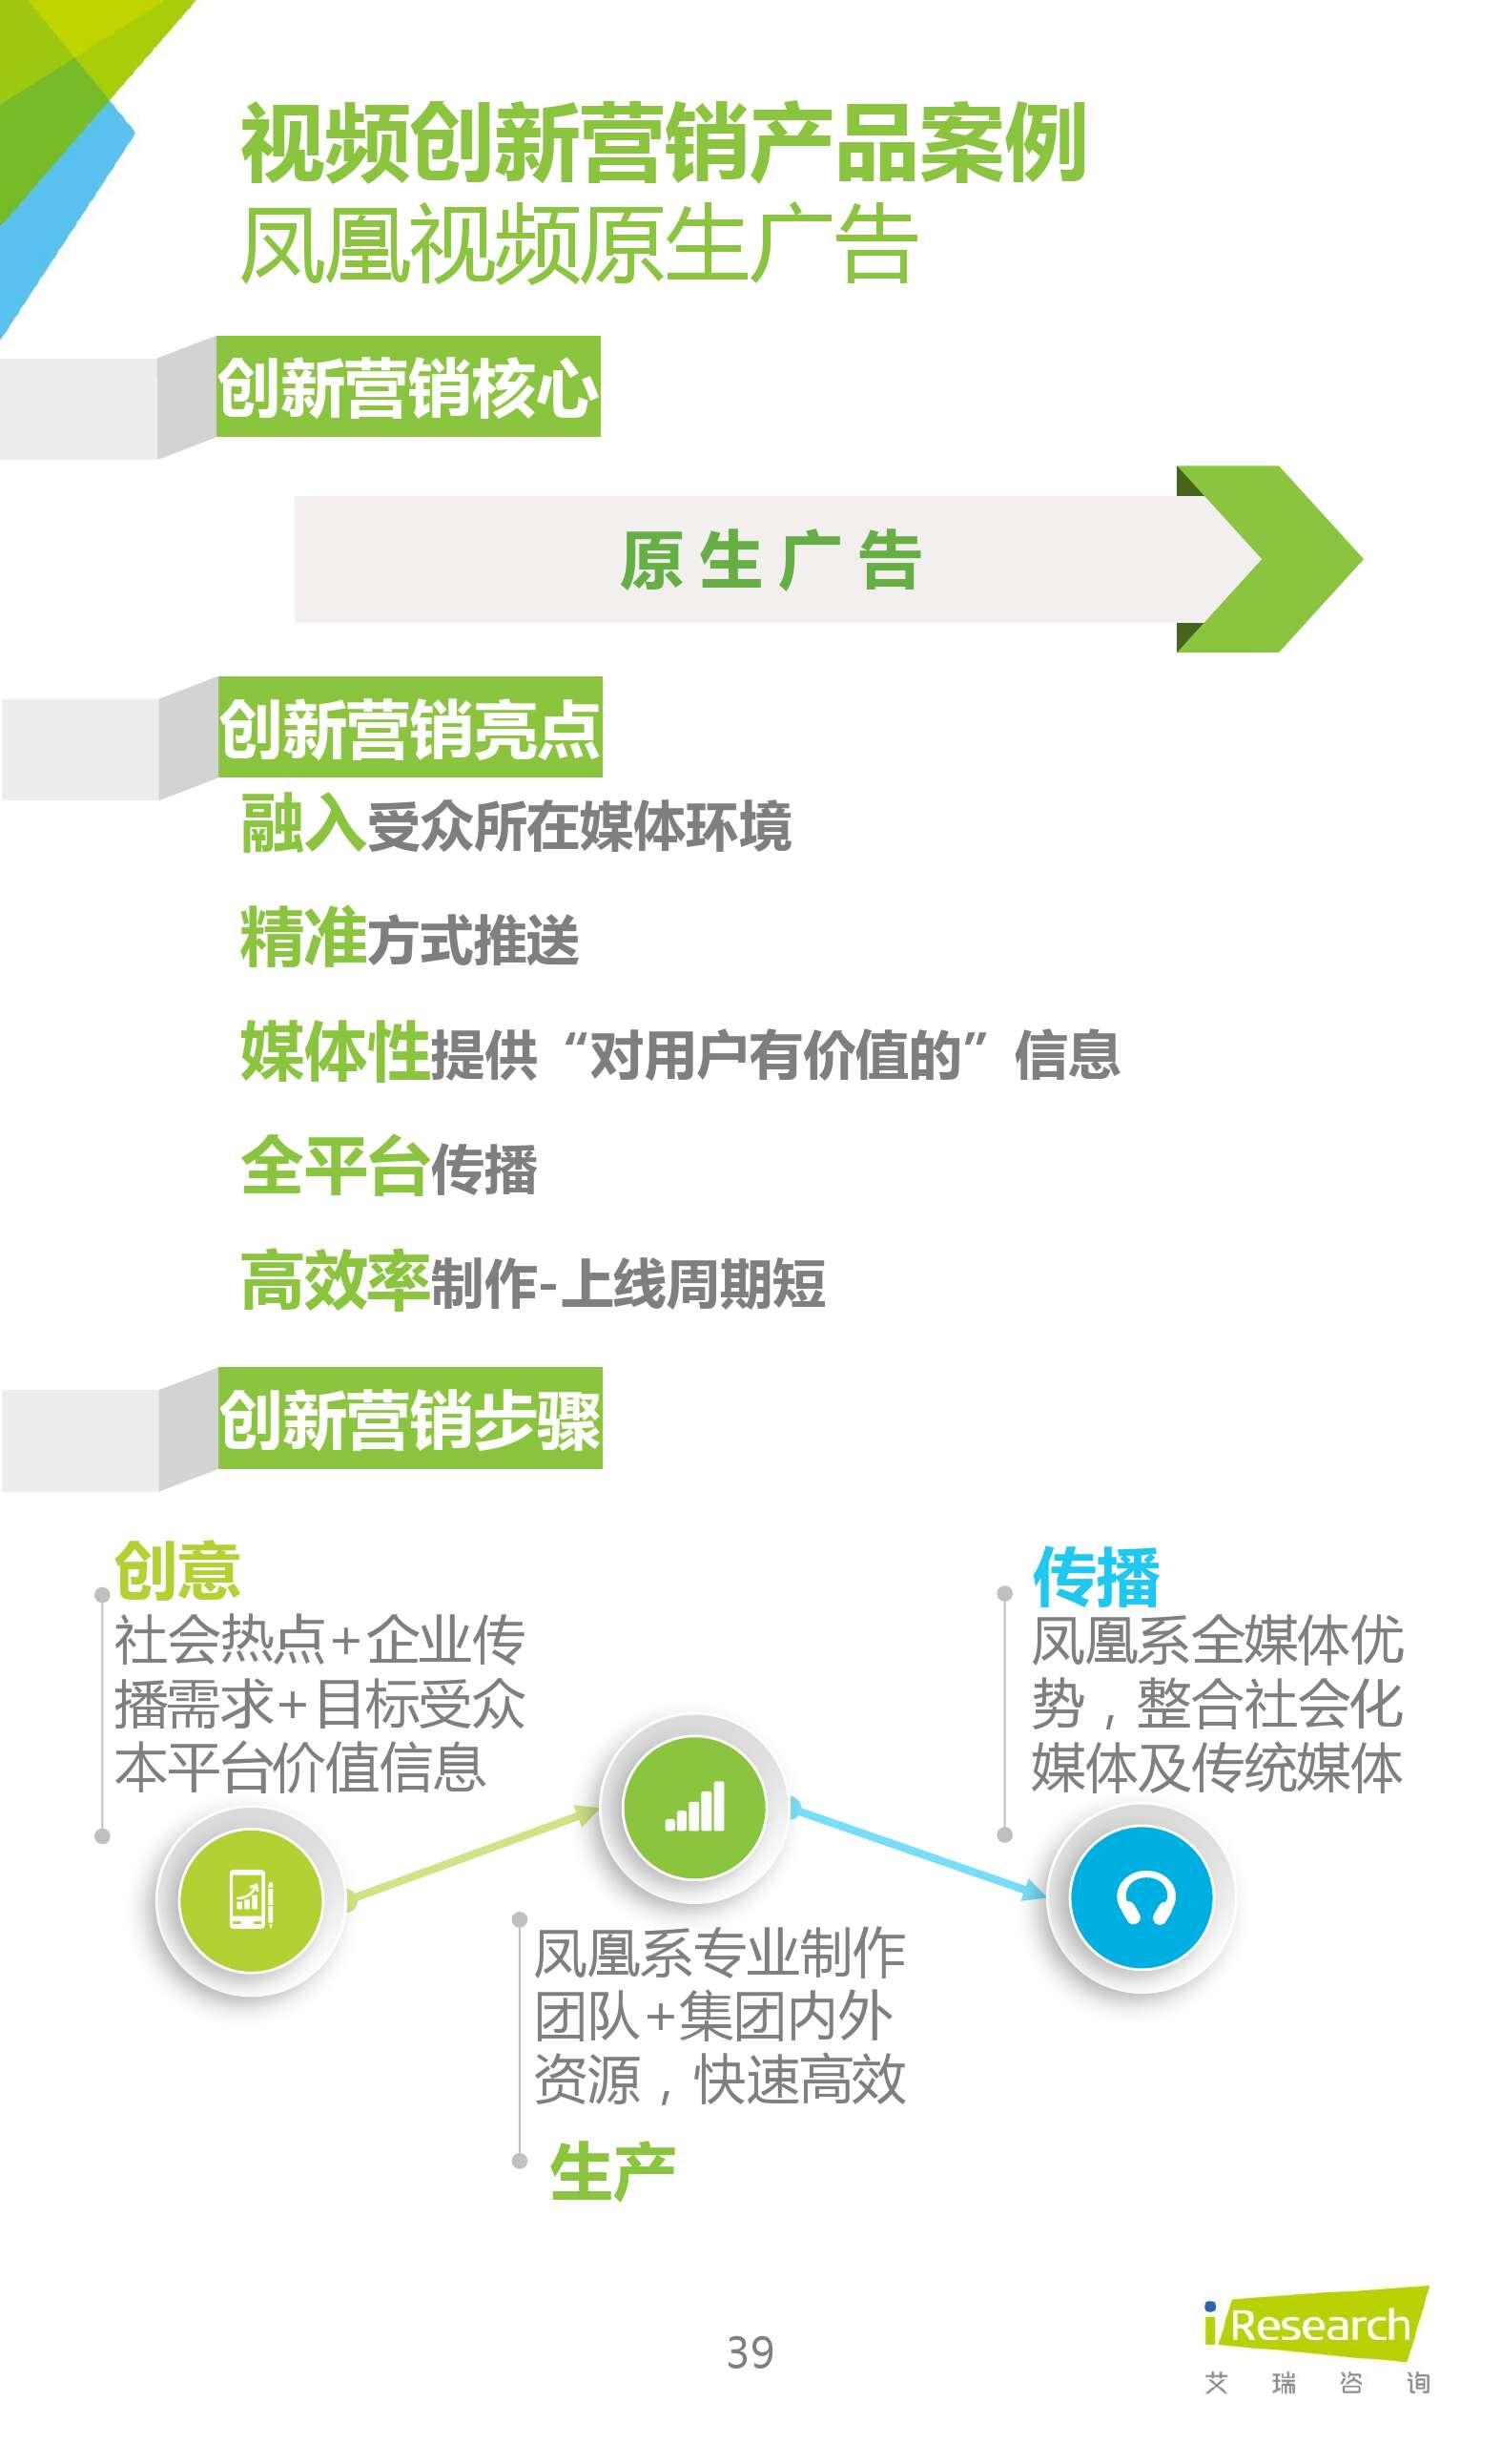 2016年中国在线视频企业创新营销研究_000039